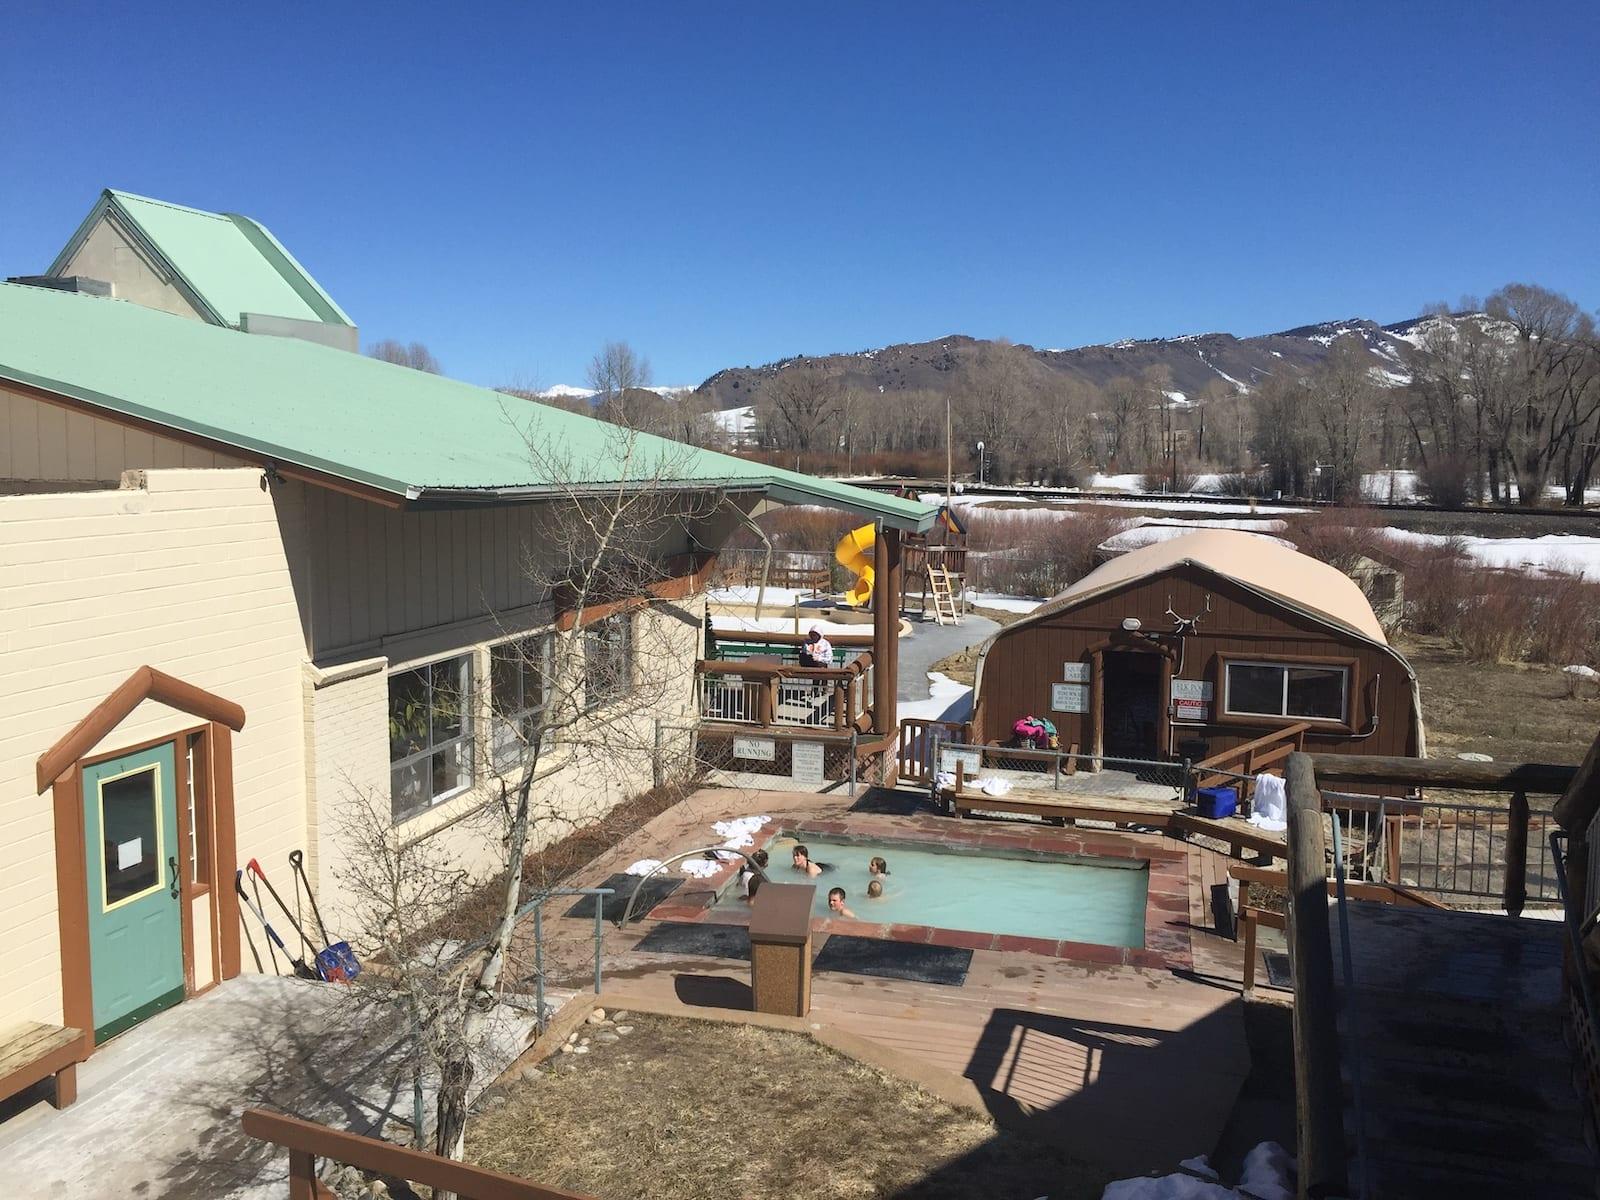 Lower Pools Hot Sulfur Springs Resort & Spa